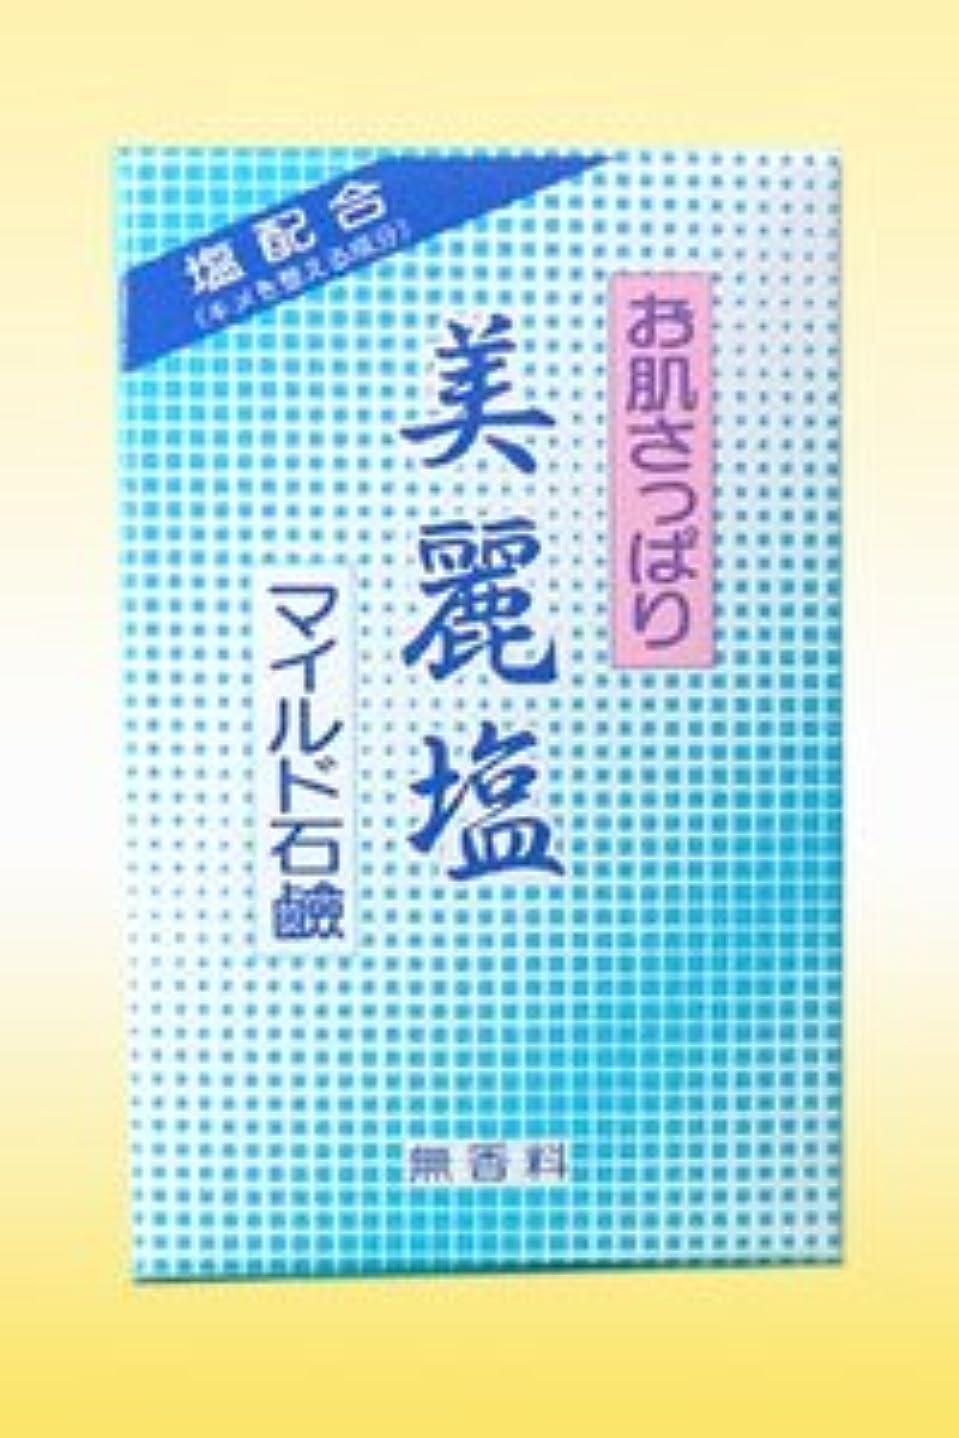 不透明ないくつかの風が強いニード美麗塩マイルド石鹸(95g)キメを整える成分:塩配合の無香料石鹸